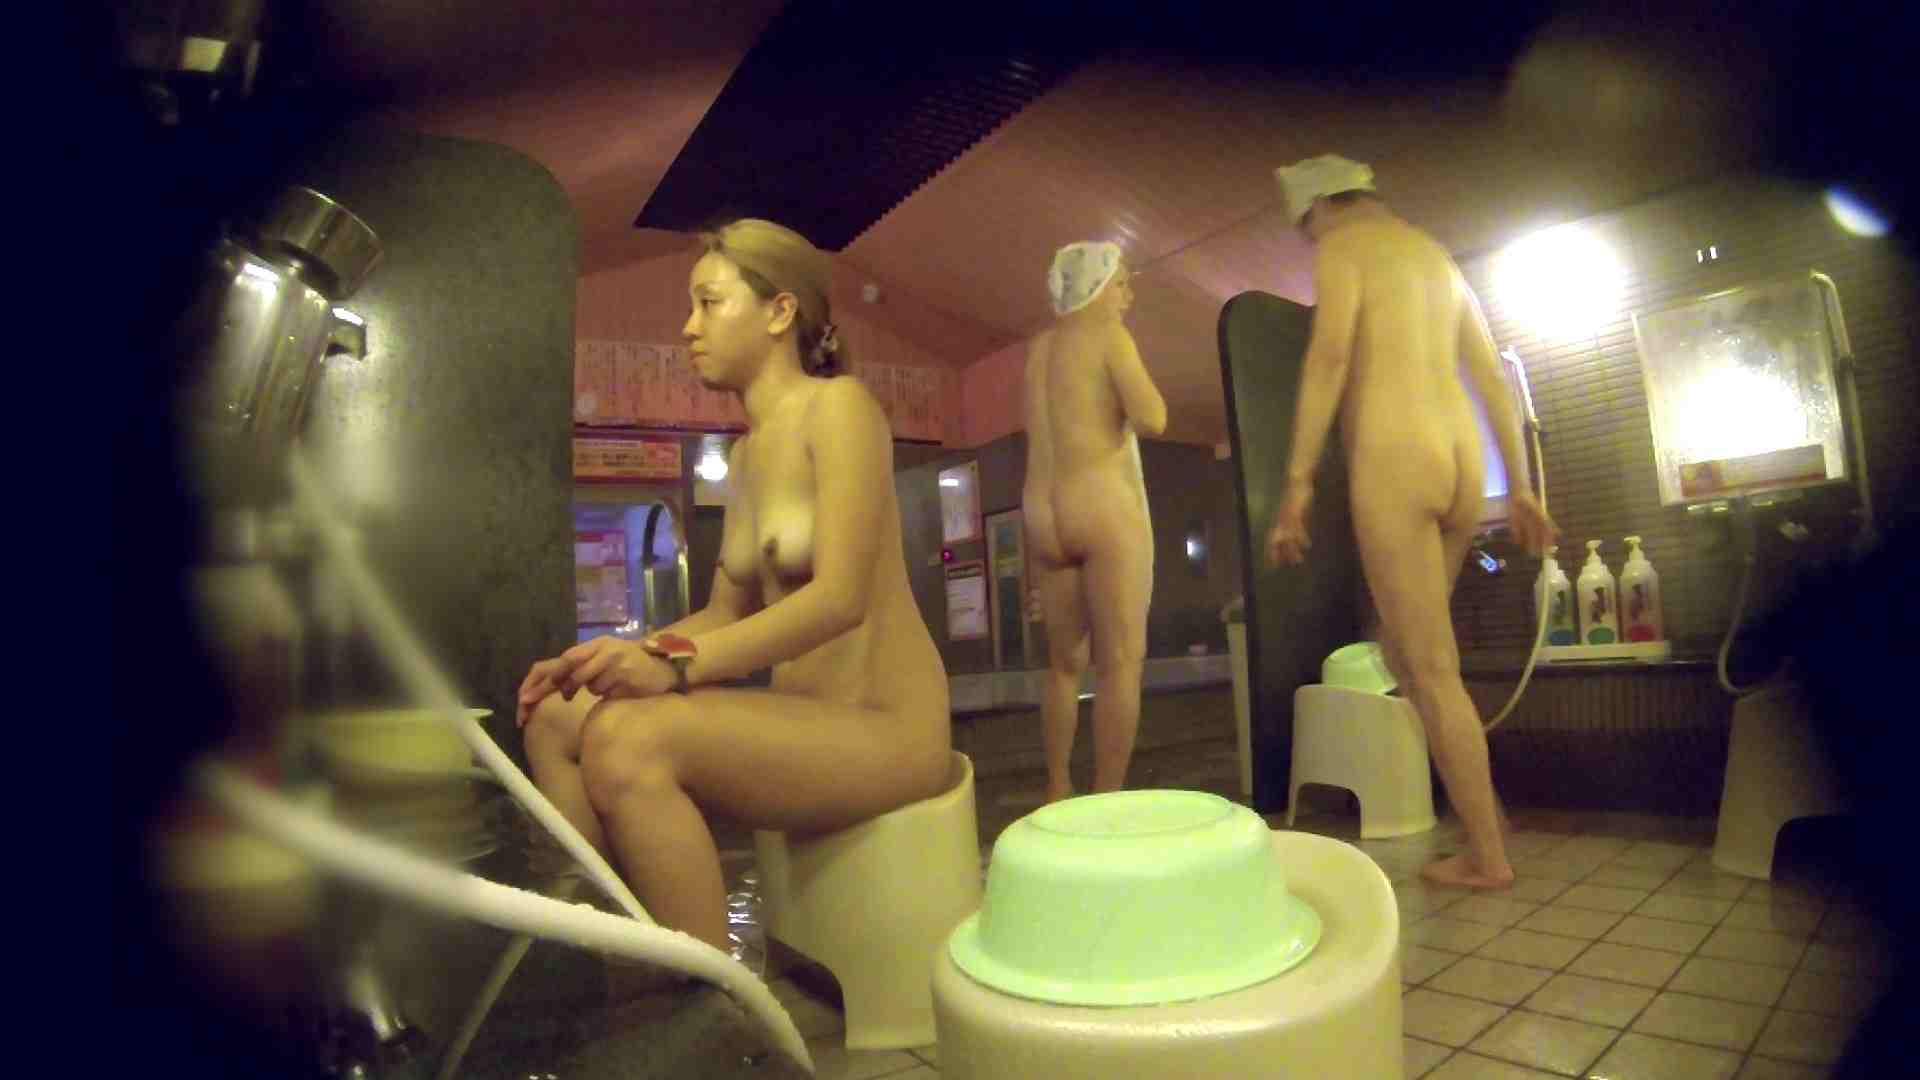 洗い場!意外に今までいなかった金髪ギャル 銭湯事情 エロ画像 94枚 29